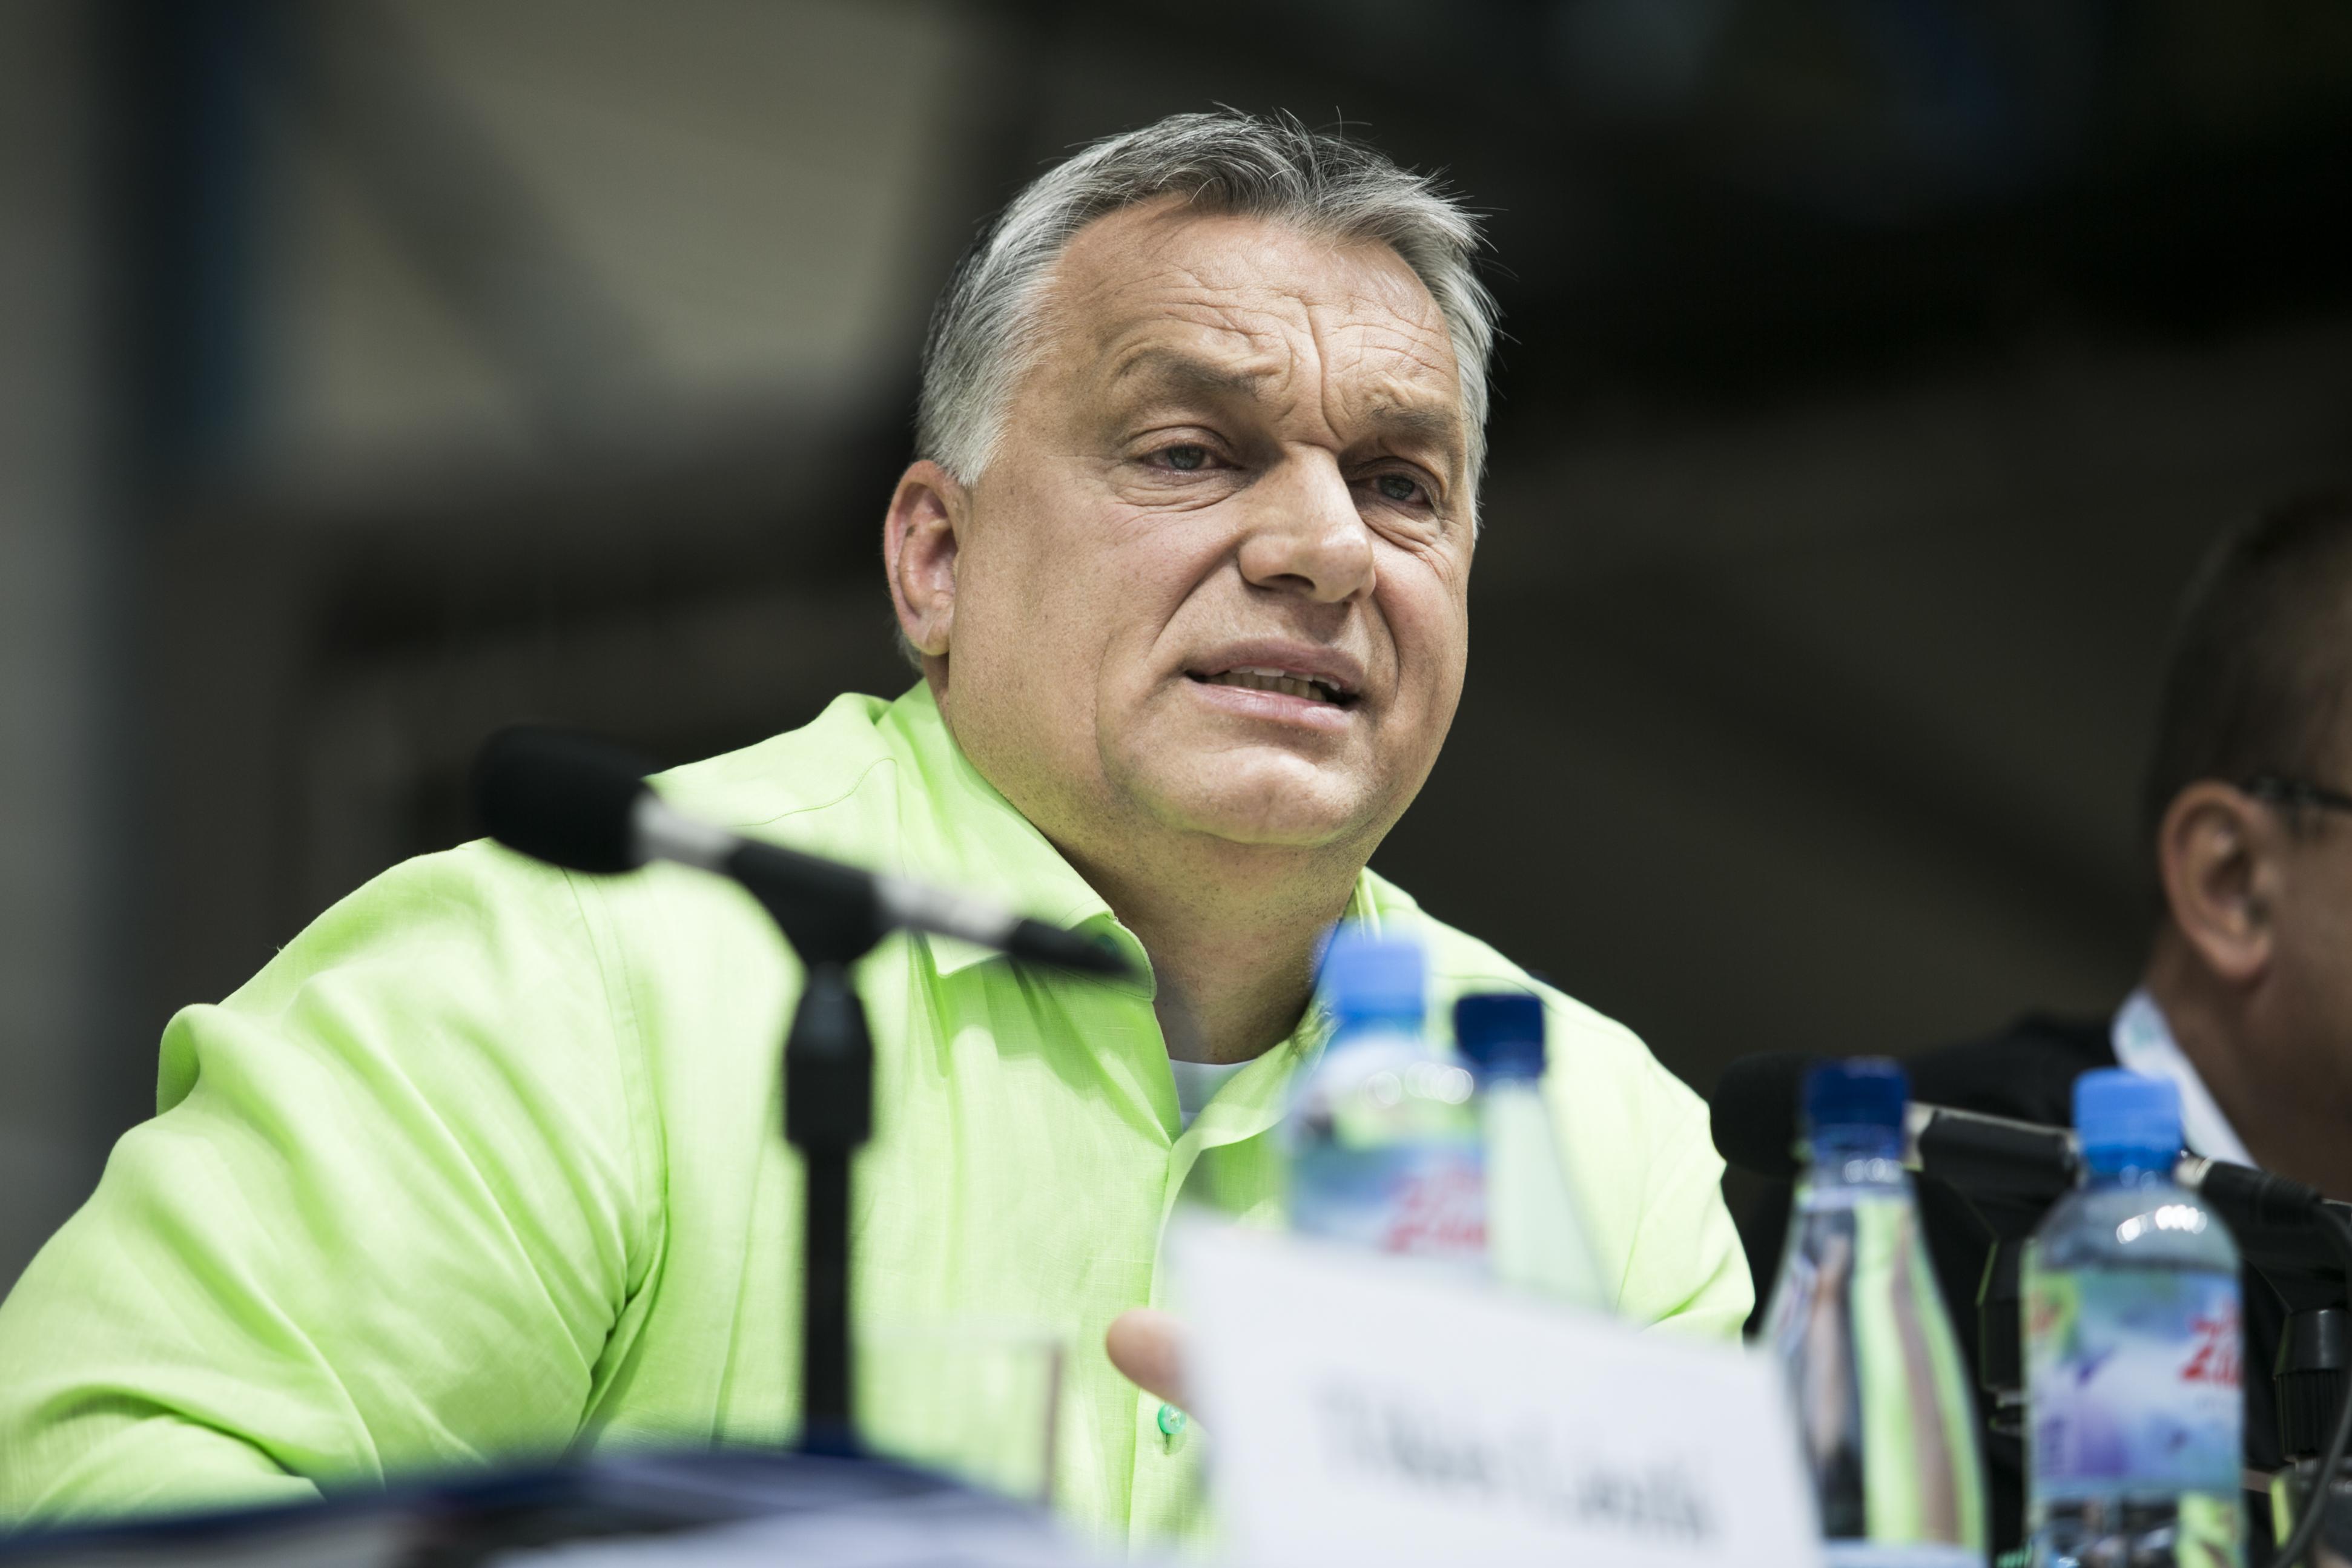 Hat (6) extrém zagyvaság a magyar gazdaságról Orbán tusnádfürdői beszédében